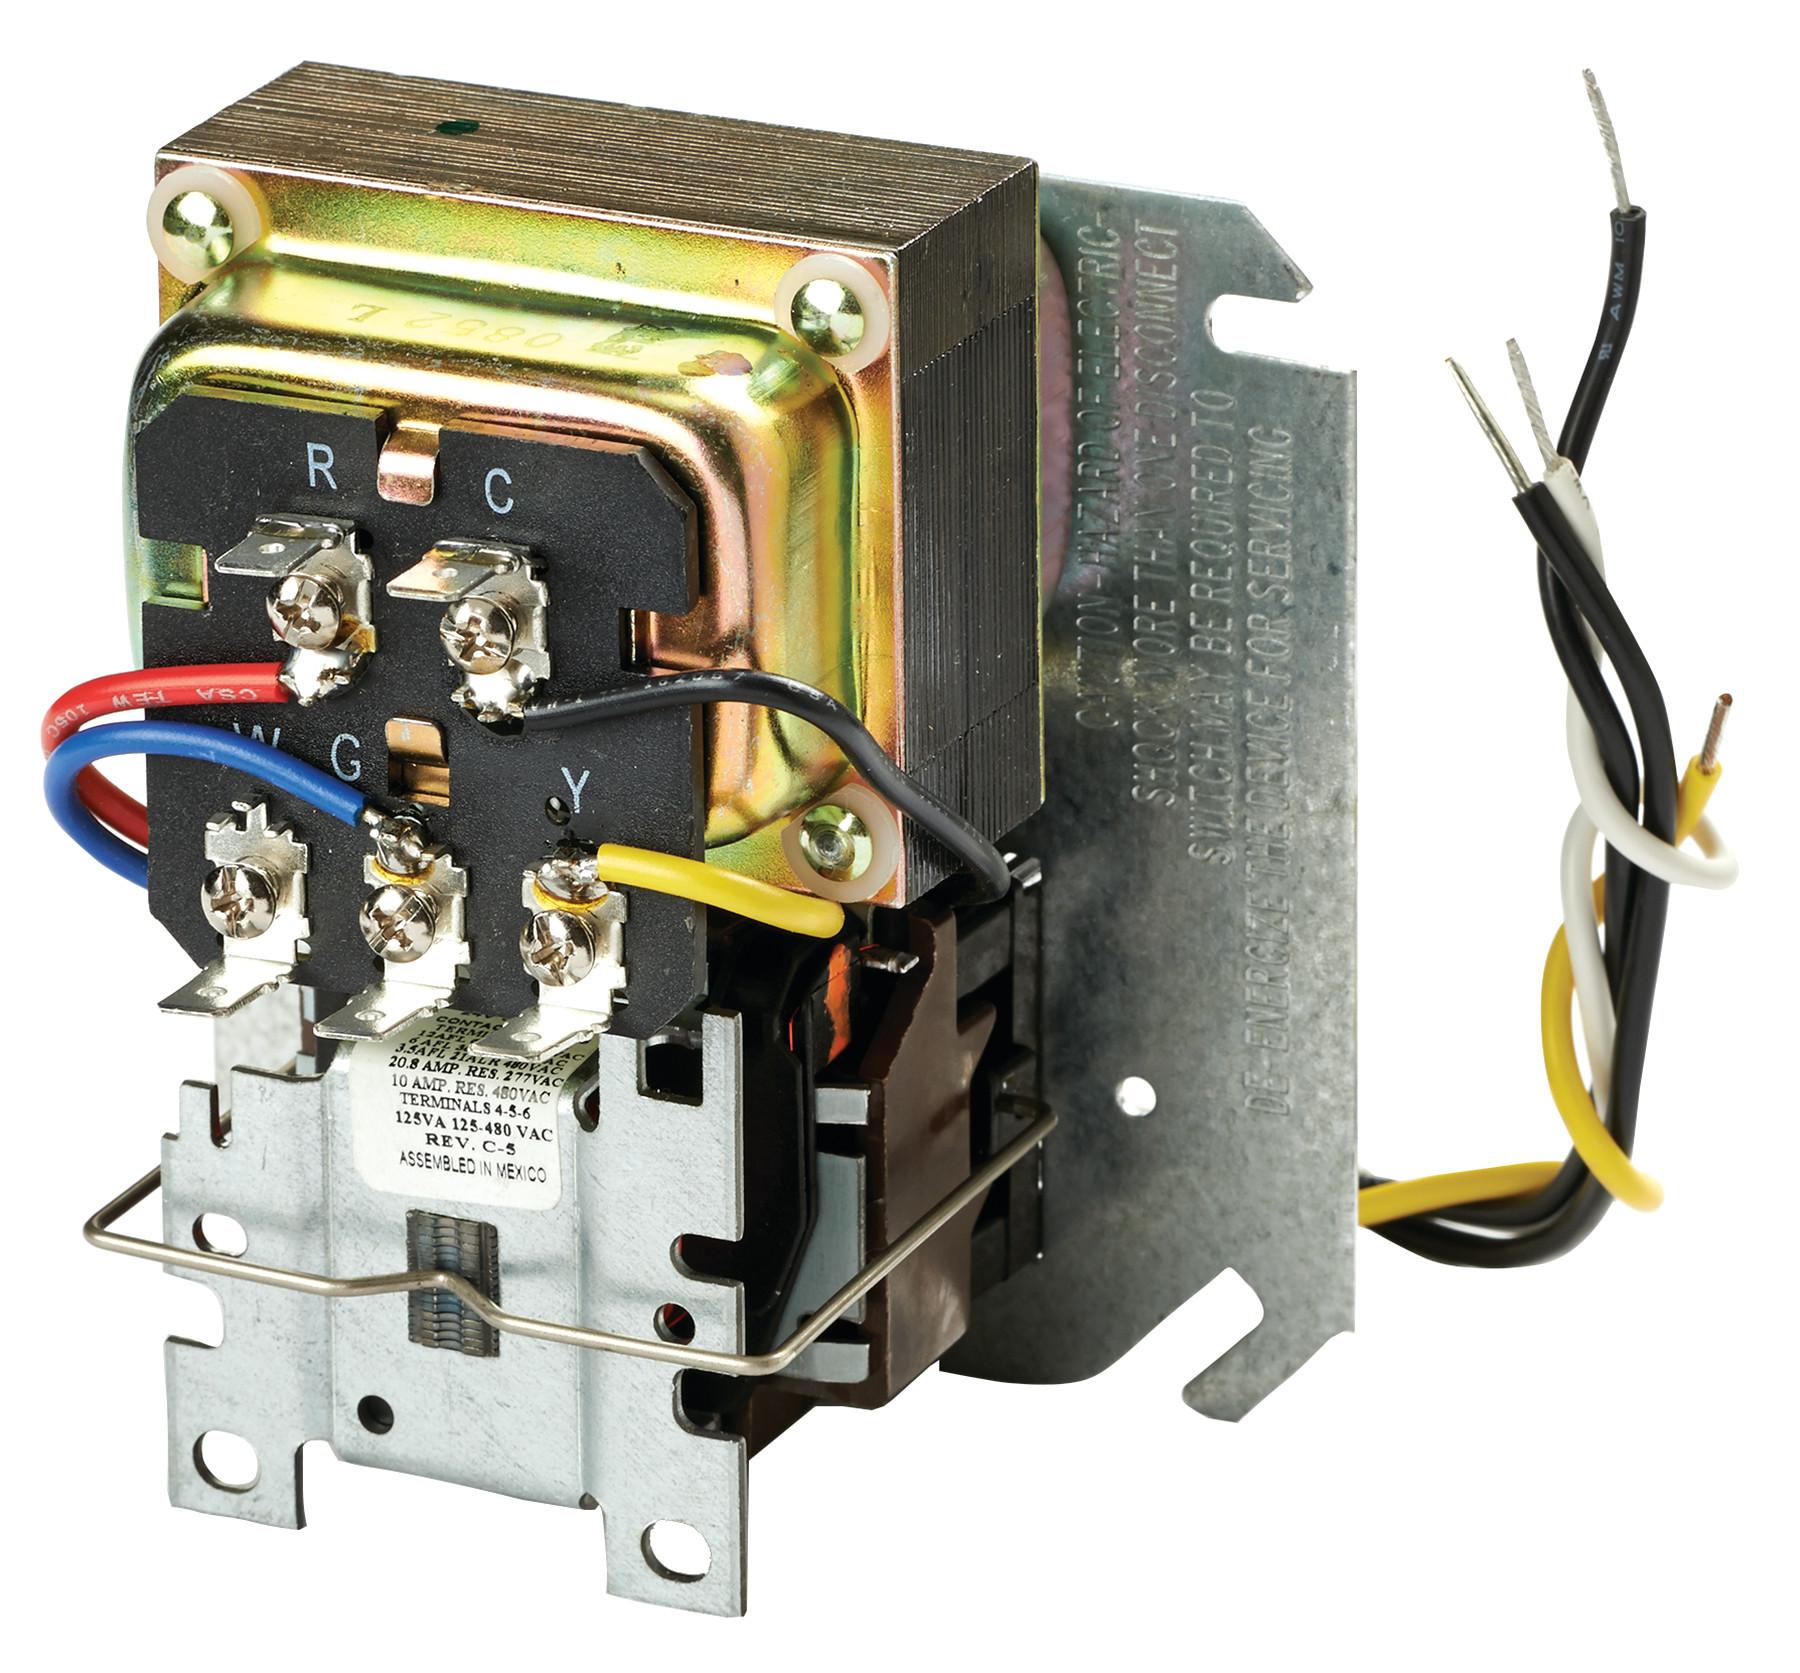 R8285A1048 - Honeywell Control Center w/40VA 120/24V Transformer